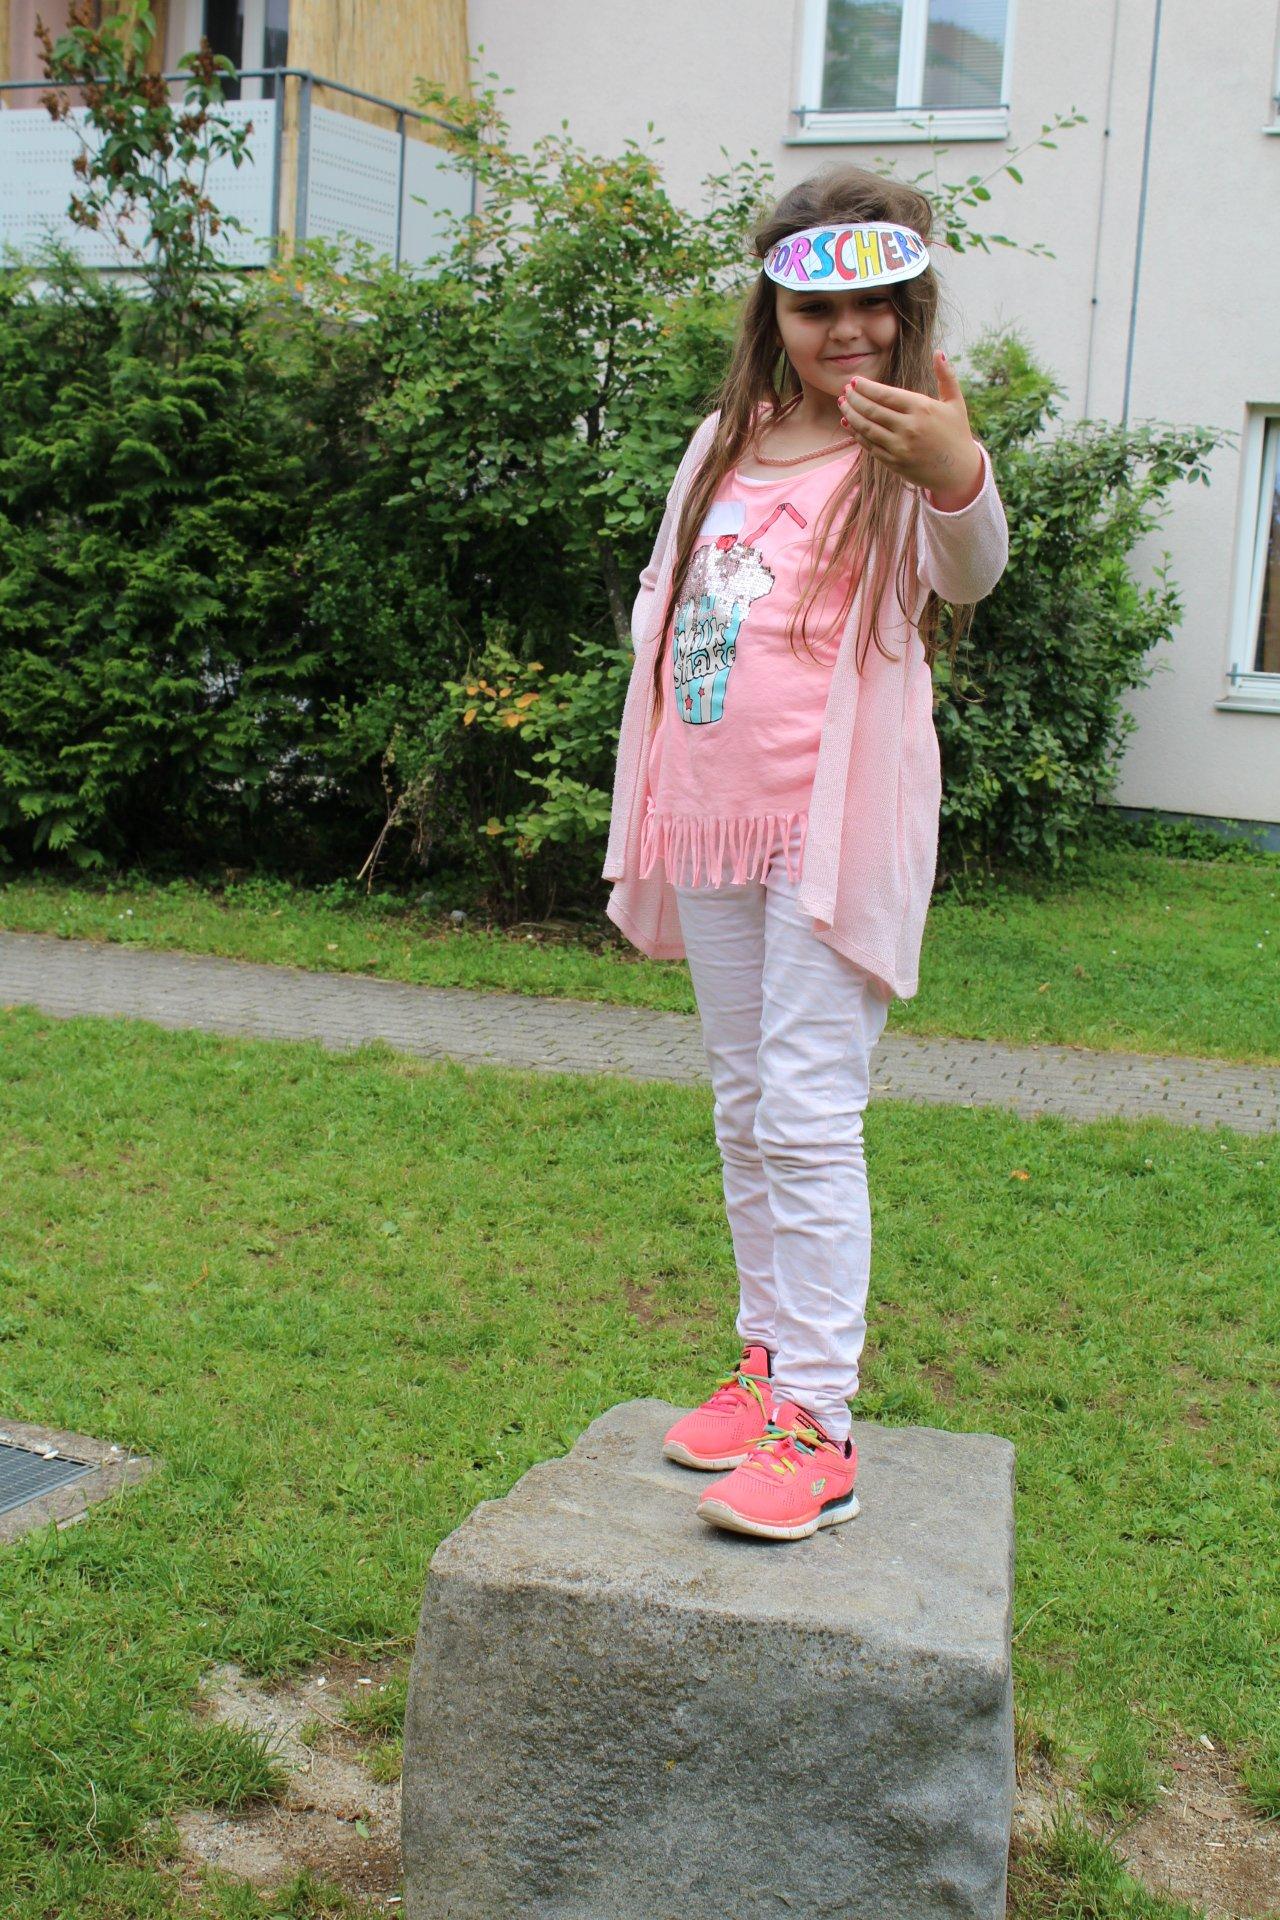 GS_Rotbuchenschule_Statuenspiel_11.06.15_LK.JPG